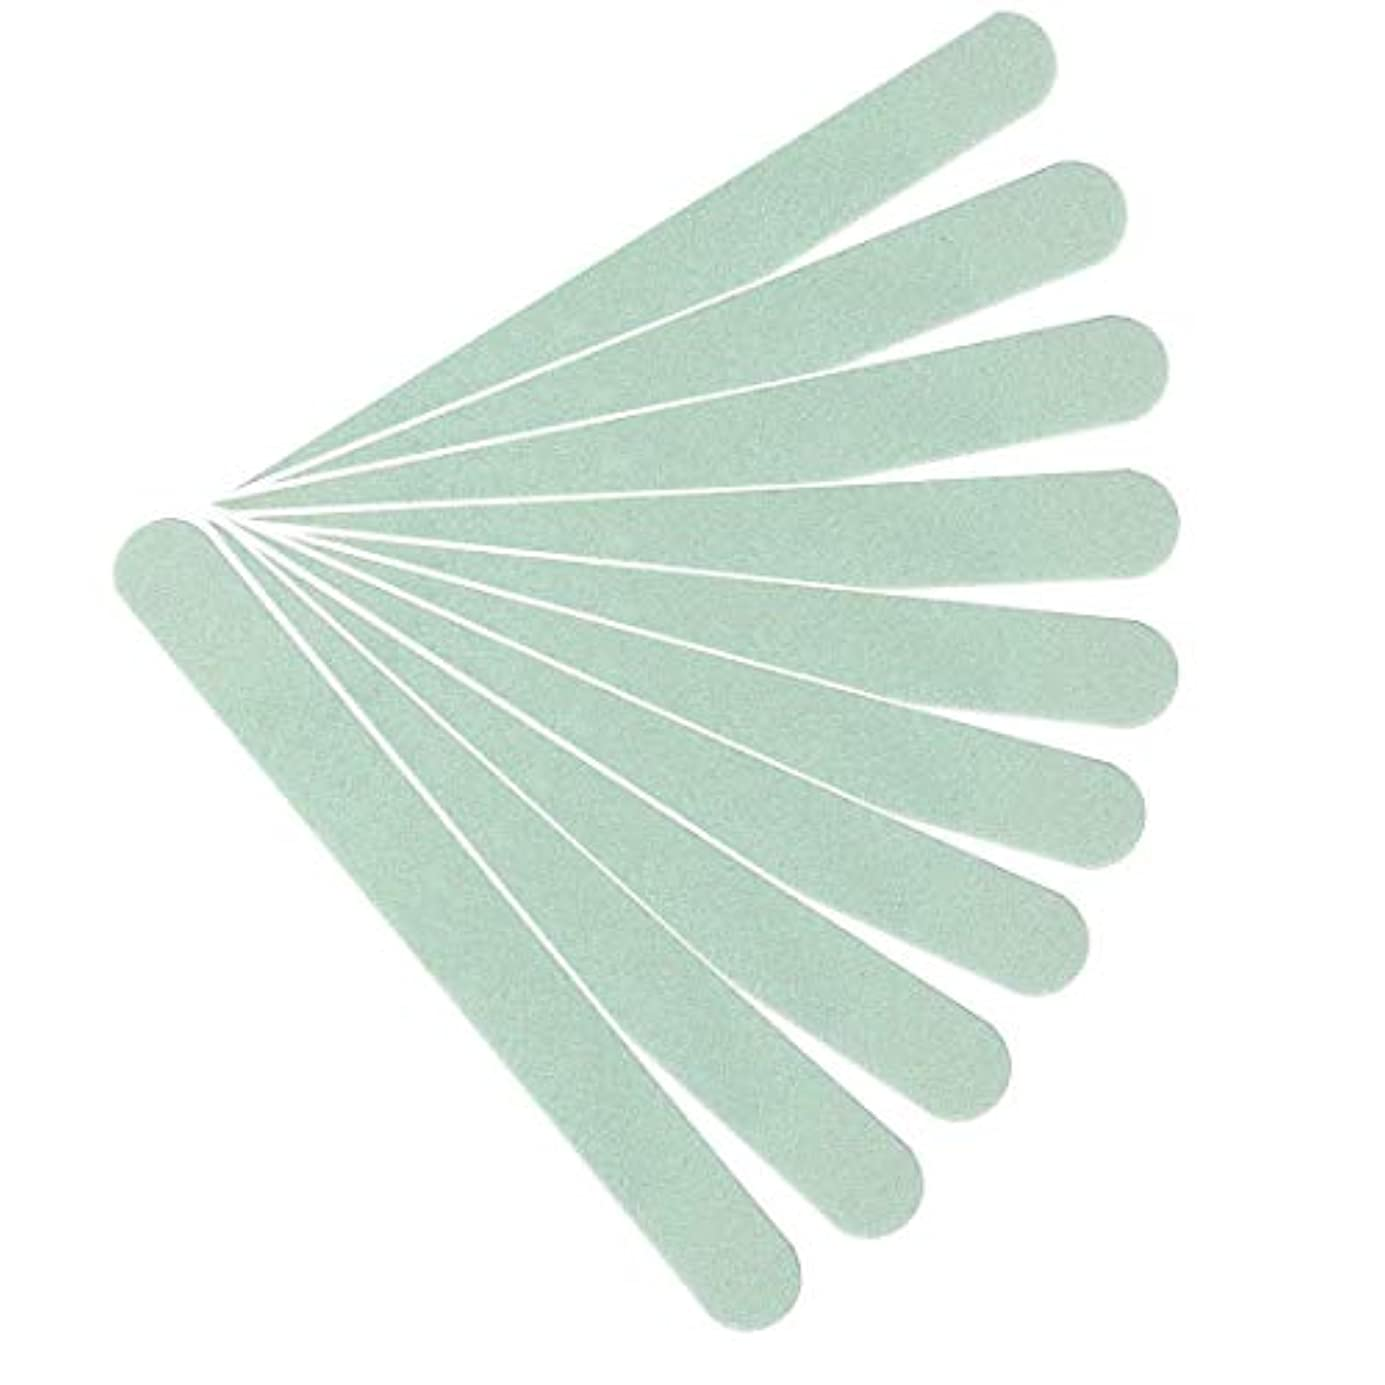 人工喉が渇いた換気する【kimari】(10本セット)kmr-005ネイルシャイナー 600/3000グリット スポンジファイル ソフトファイル ネイルポリッシュファイル